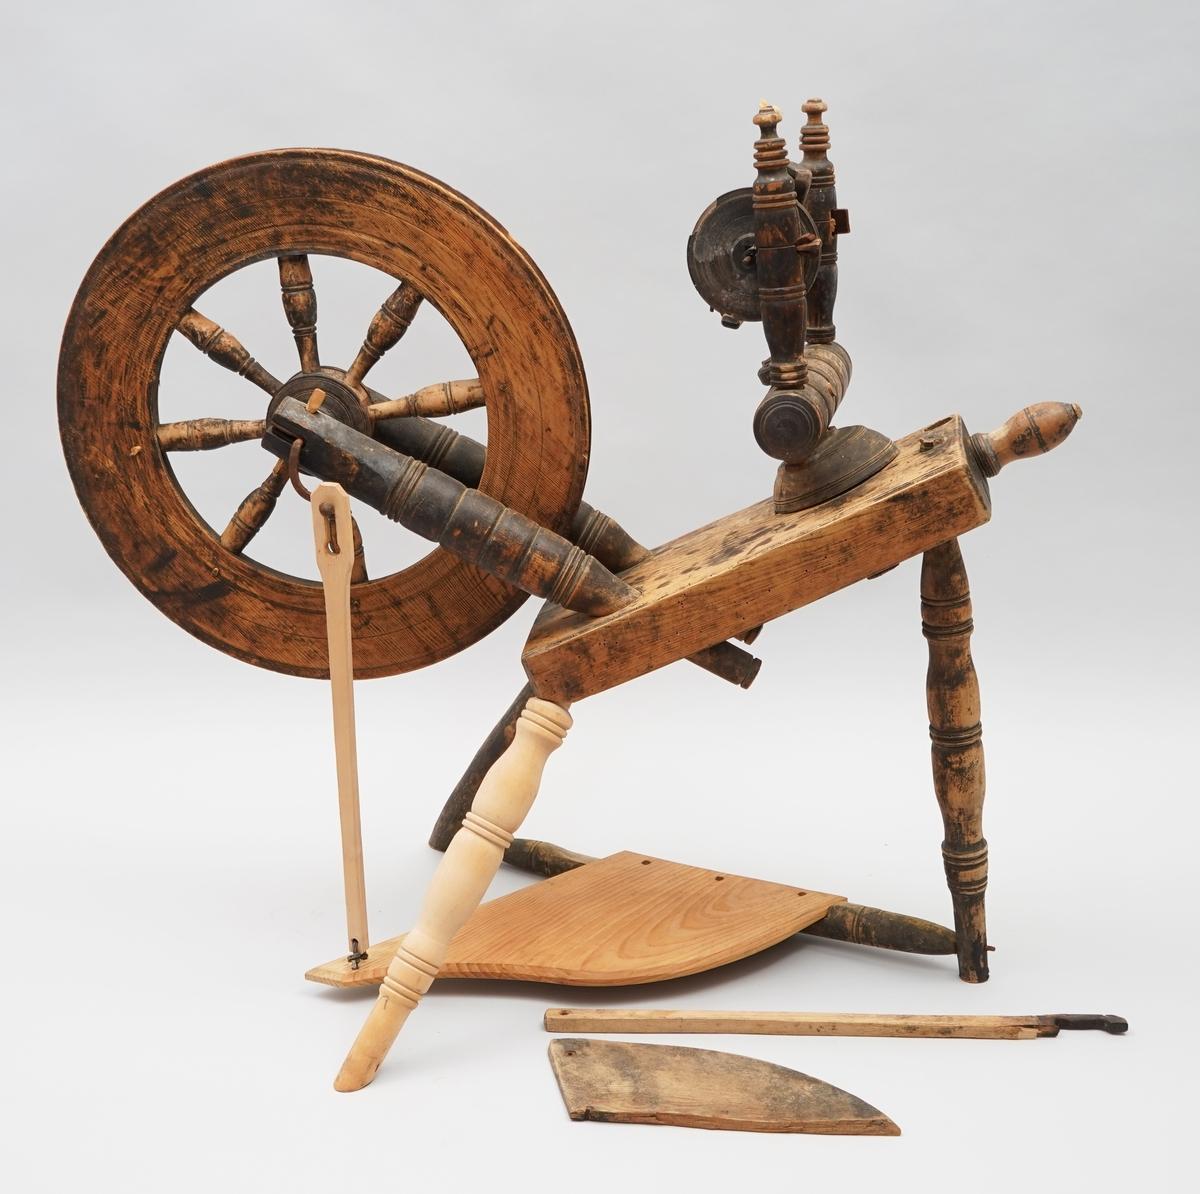 Hjulrokk med skrått, enkelt bryst. Åtte spiler i hjulet. Tre bein. Tein. Trøe. Det er laga ny trøe, veiv og eit nytt bein på museet i 1980.